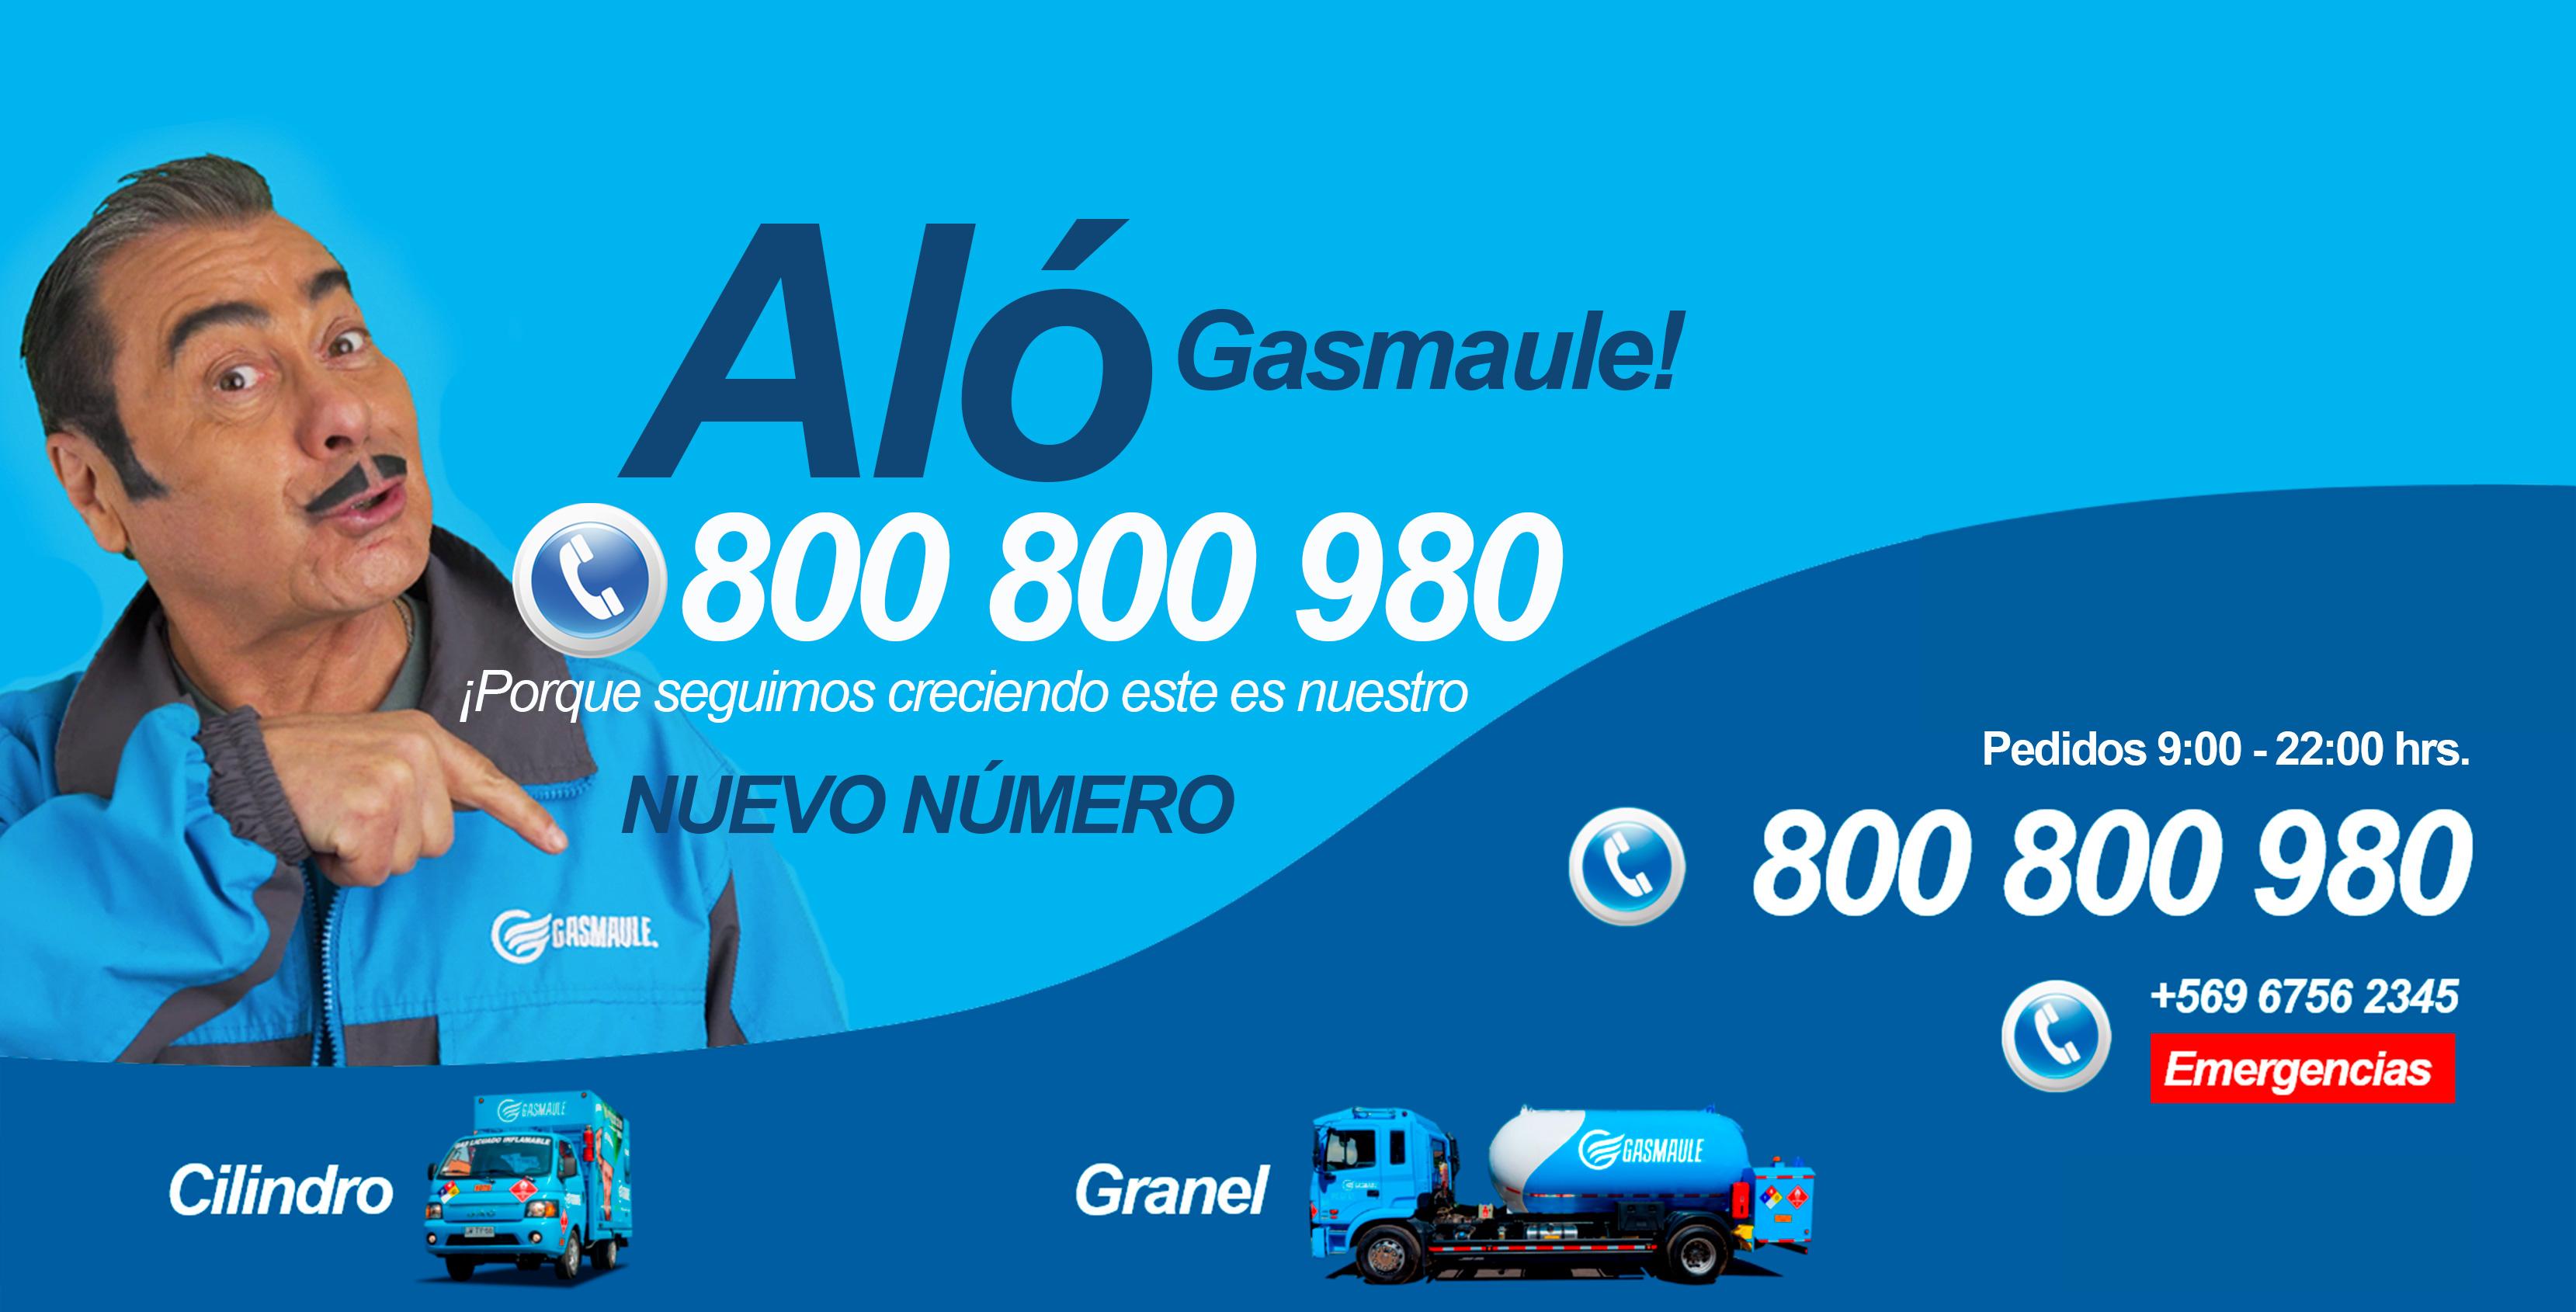 Nuevo Número Gasmaule 800 800 980